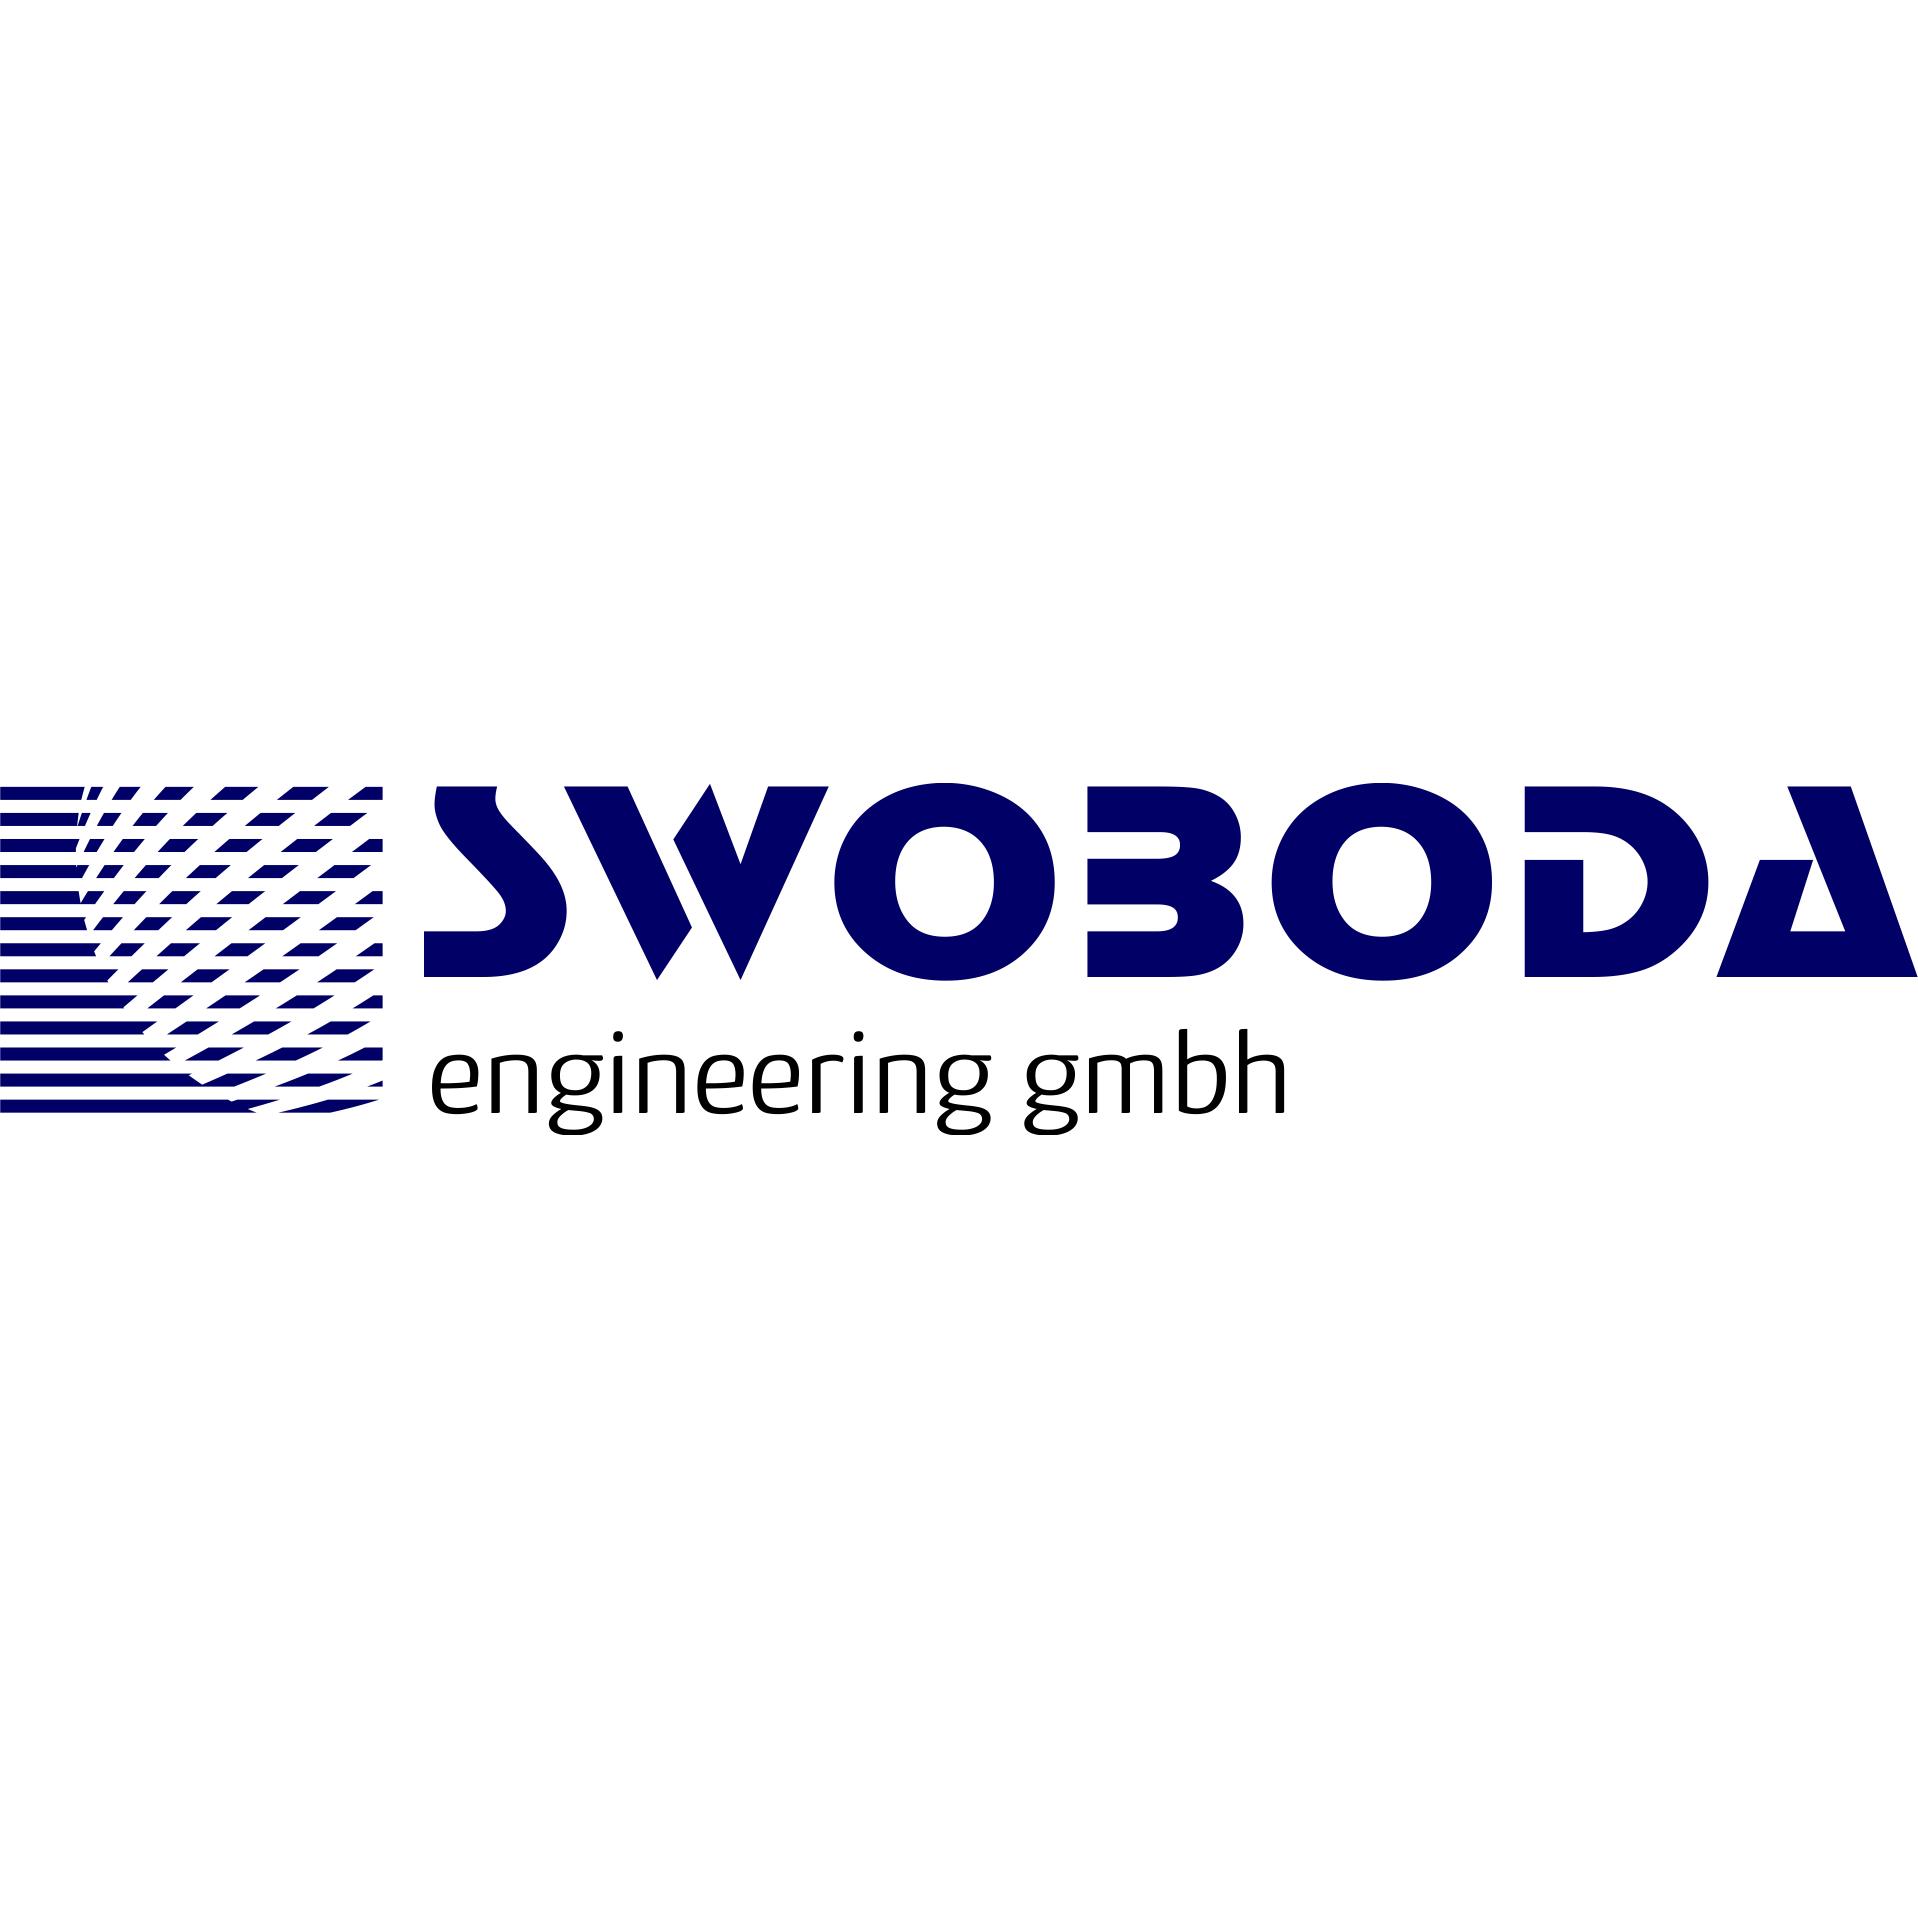 Bild zu Swoboda engineering GmbH in Datteln